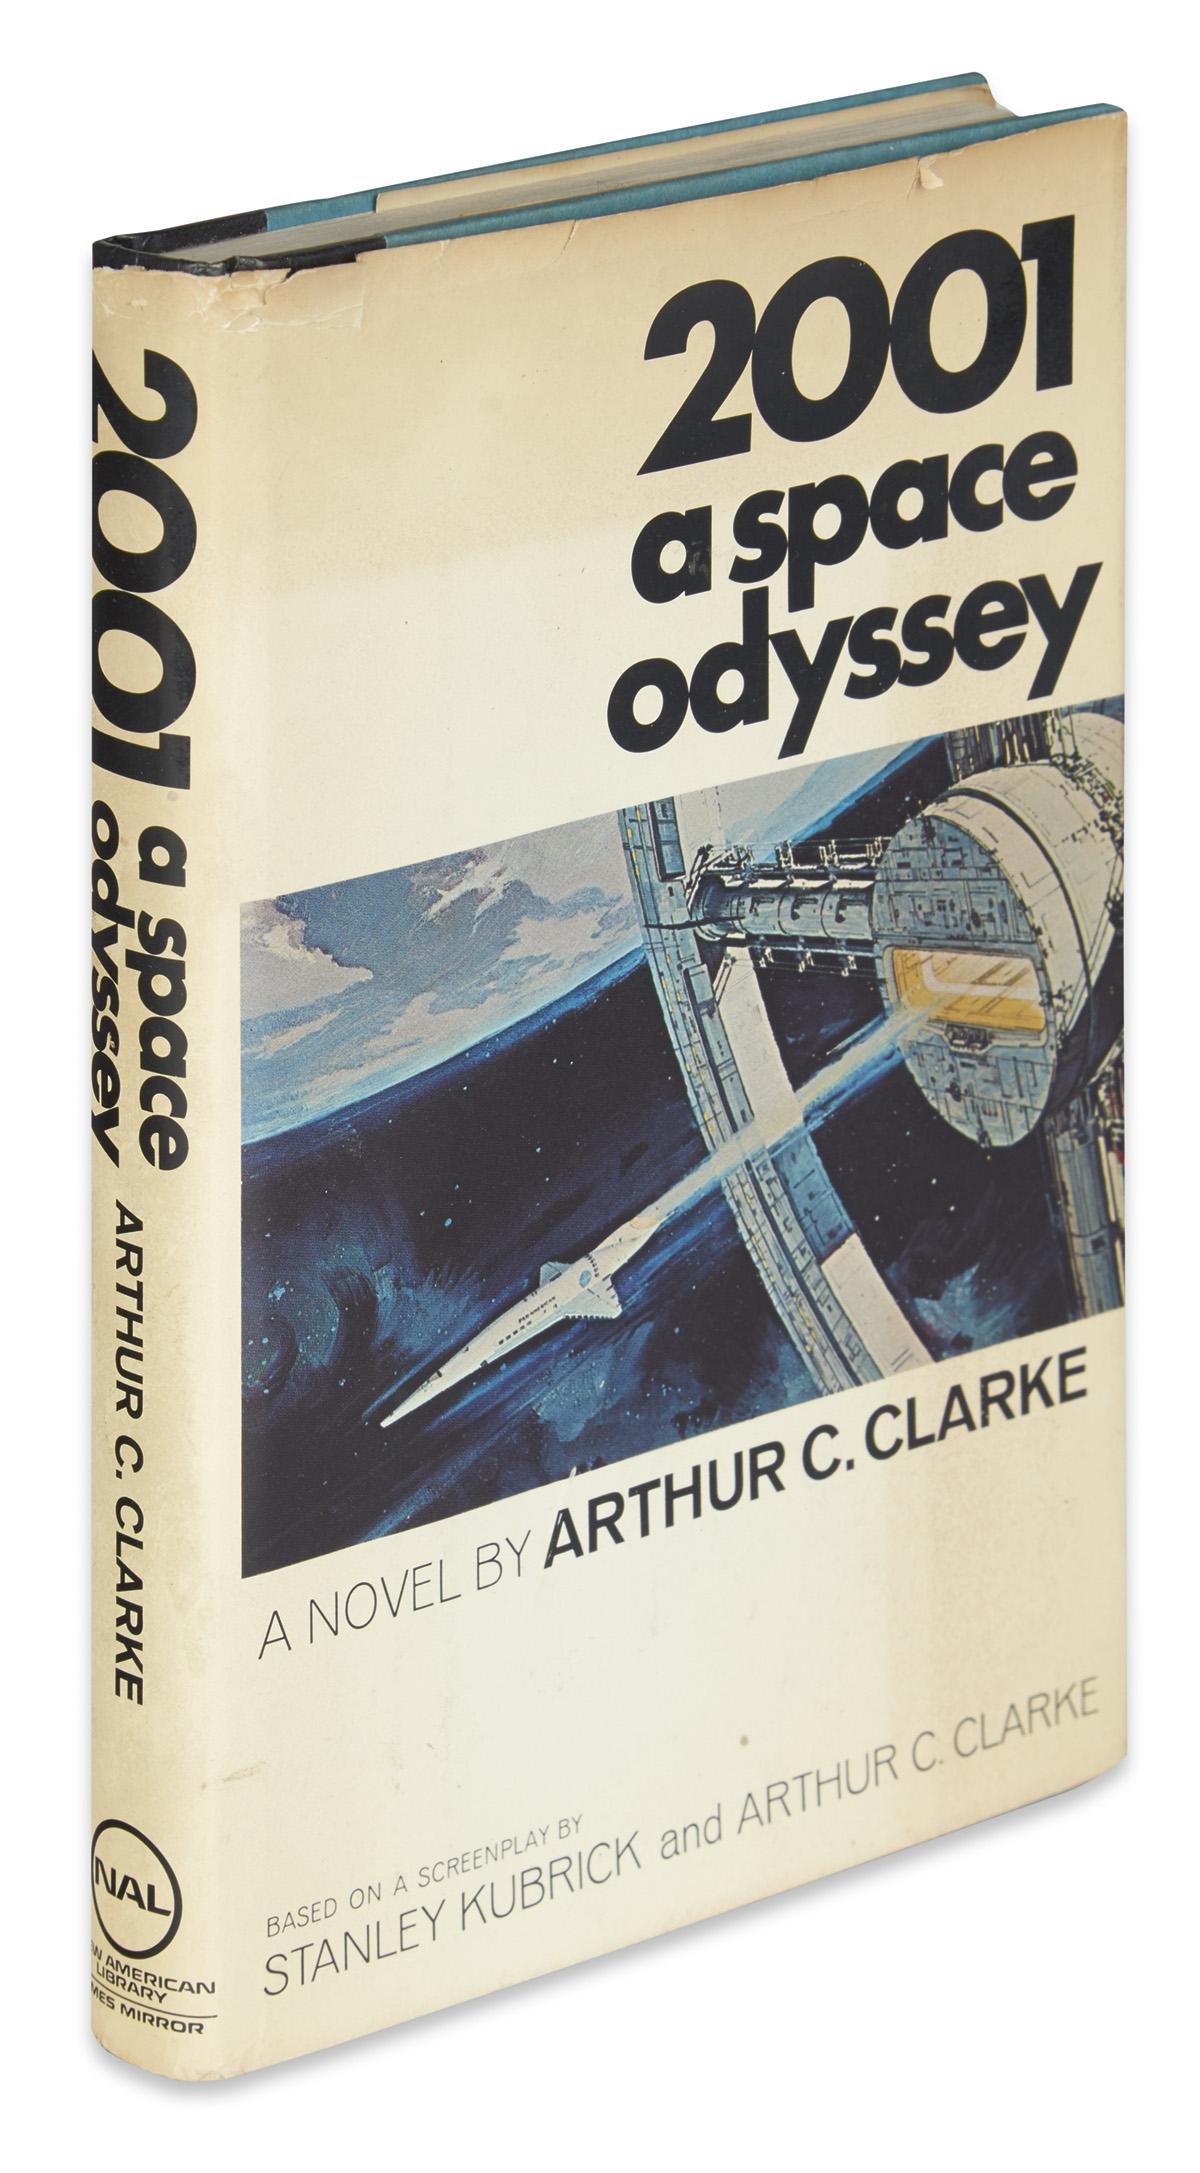 CLARKE-ARTHUR-C-2001-A-Space-Odyssey